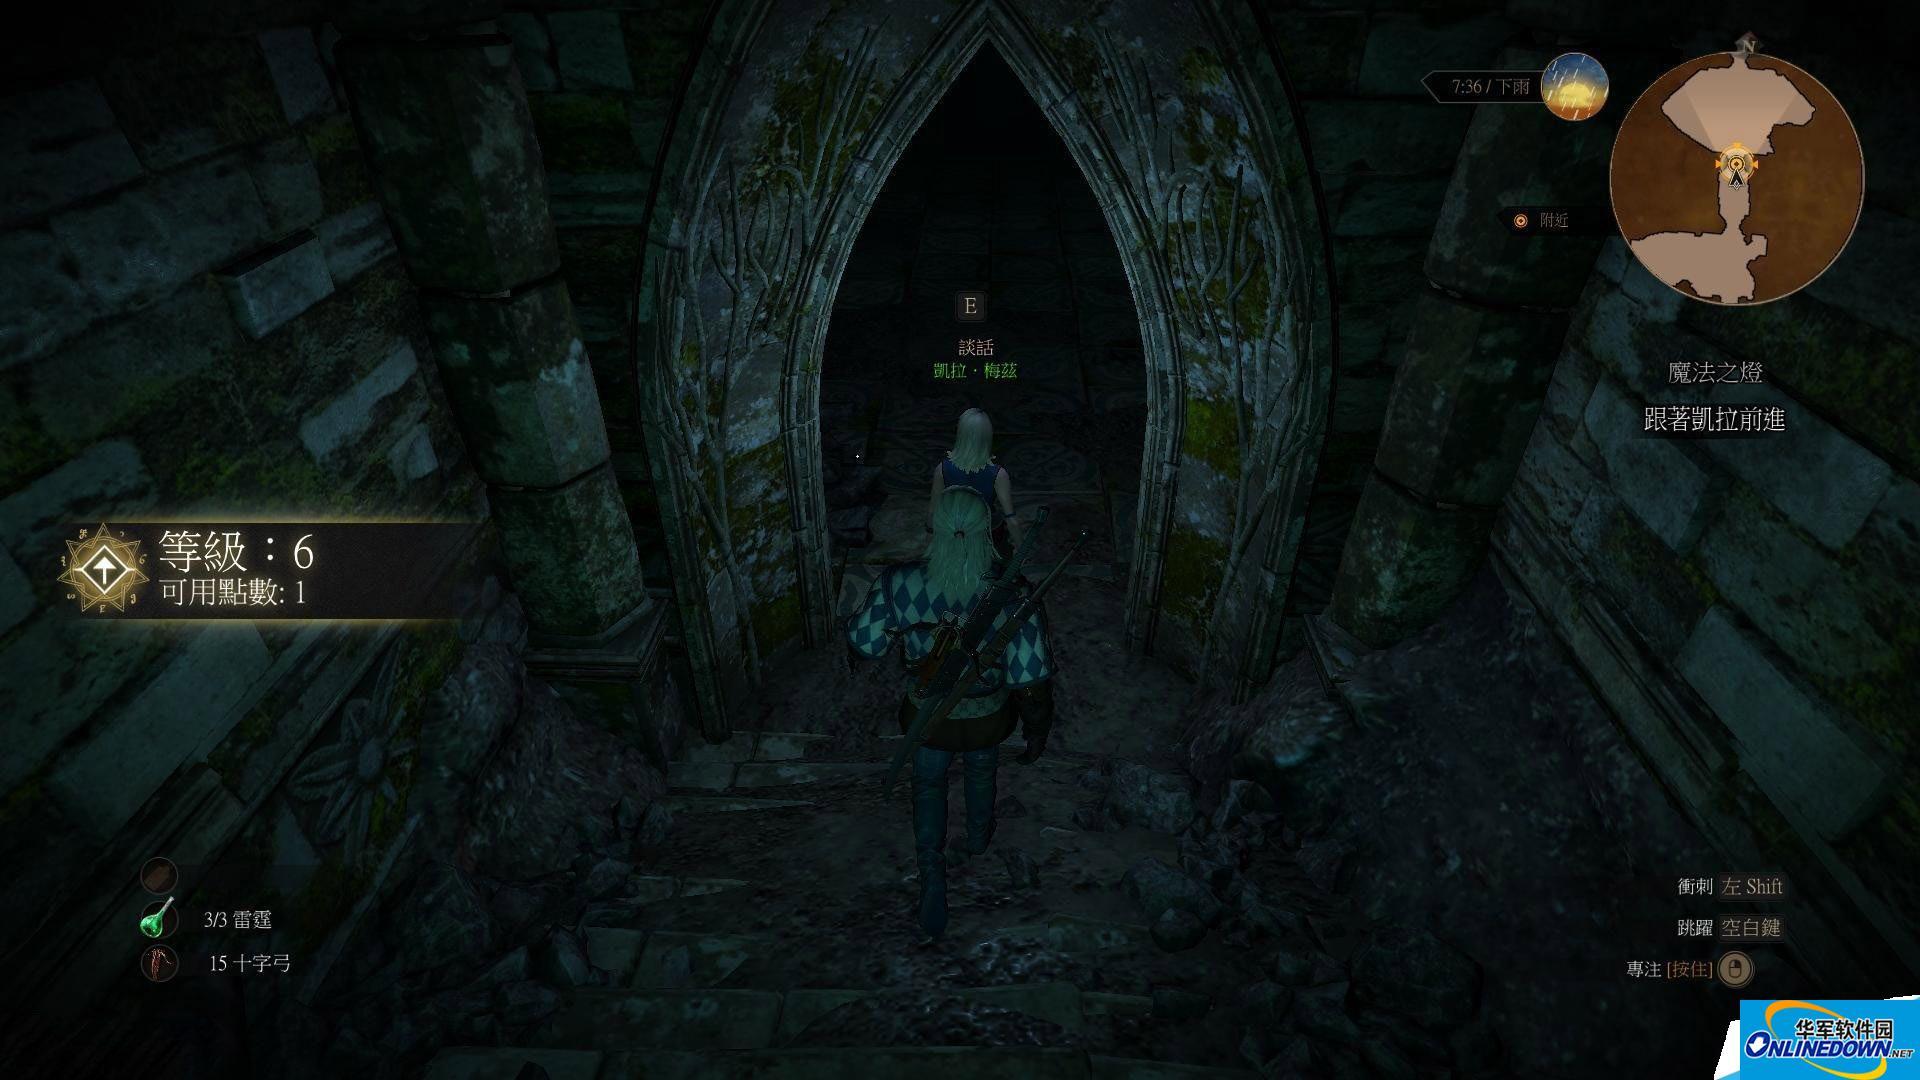 《巫师3》魔法之灯图文流程攻略